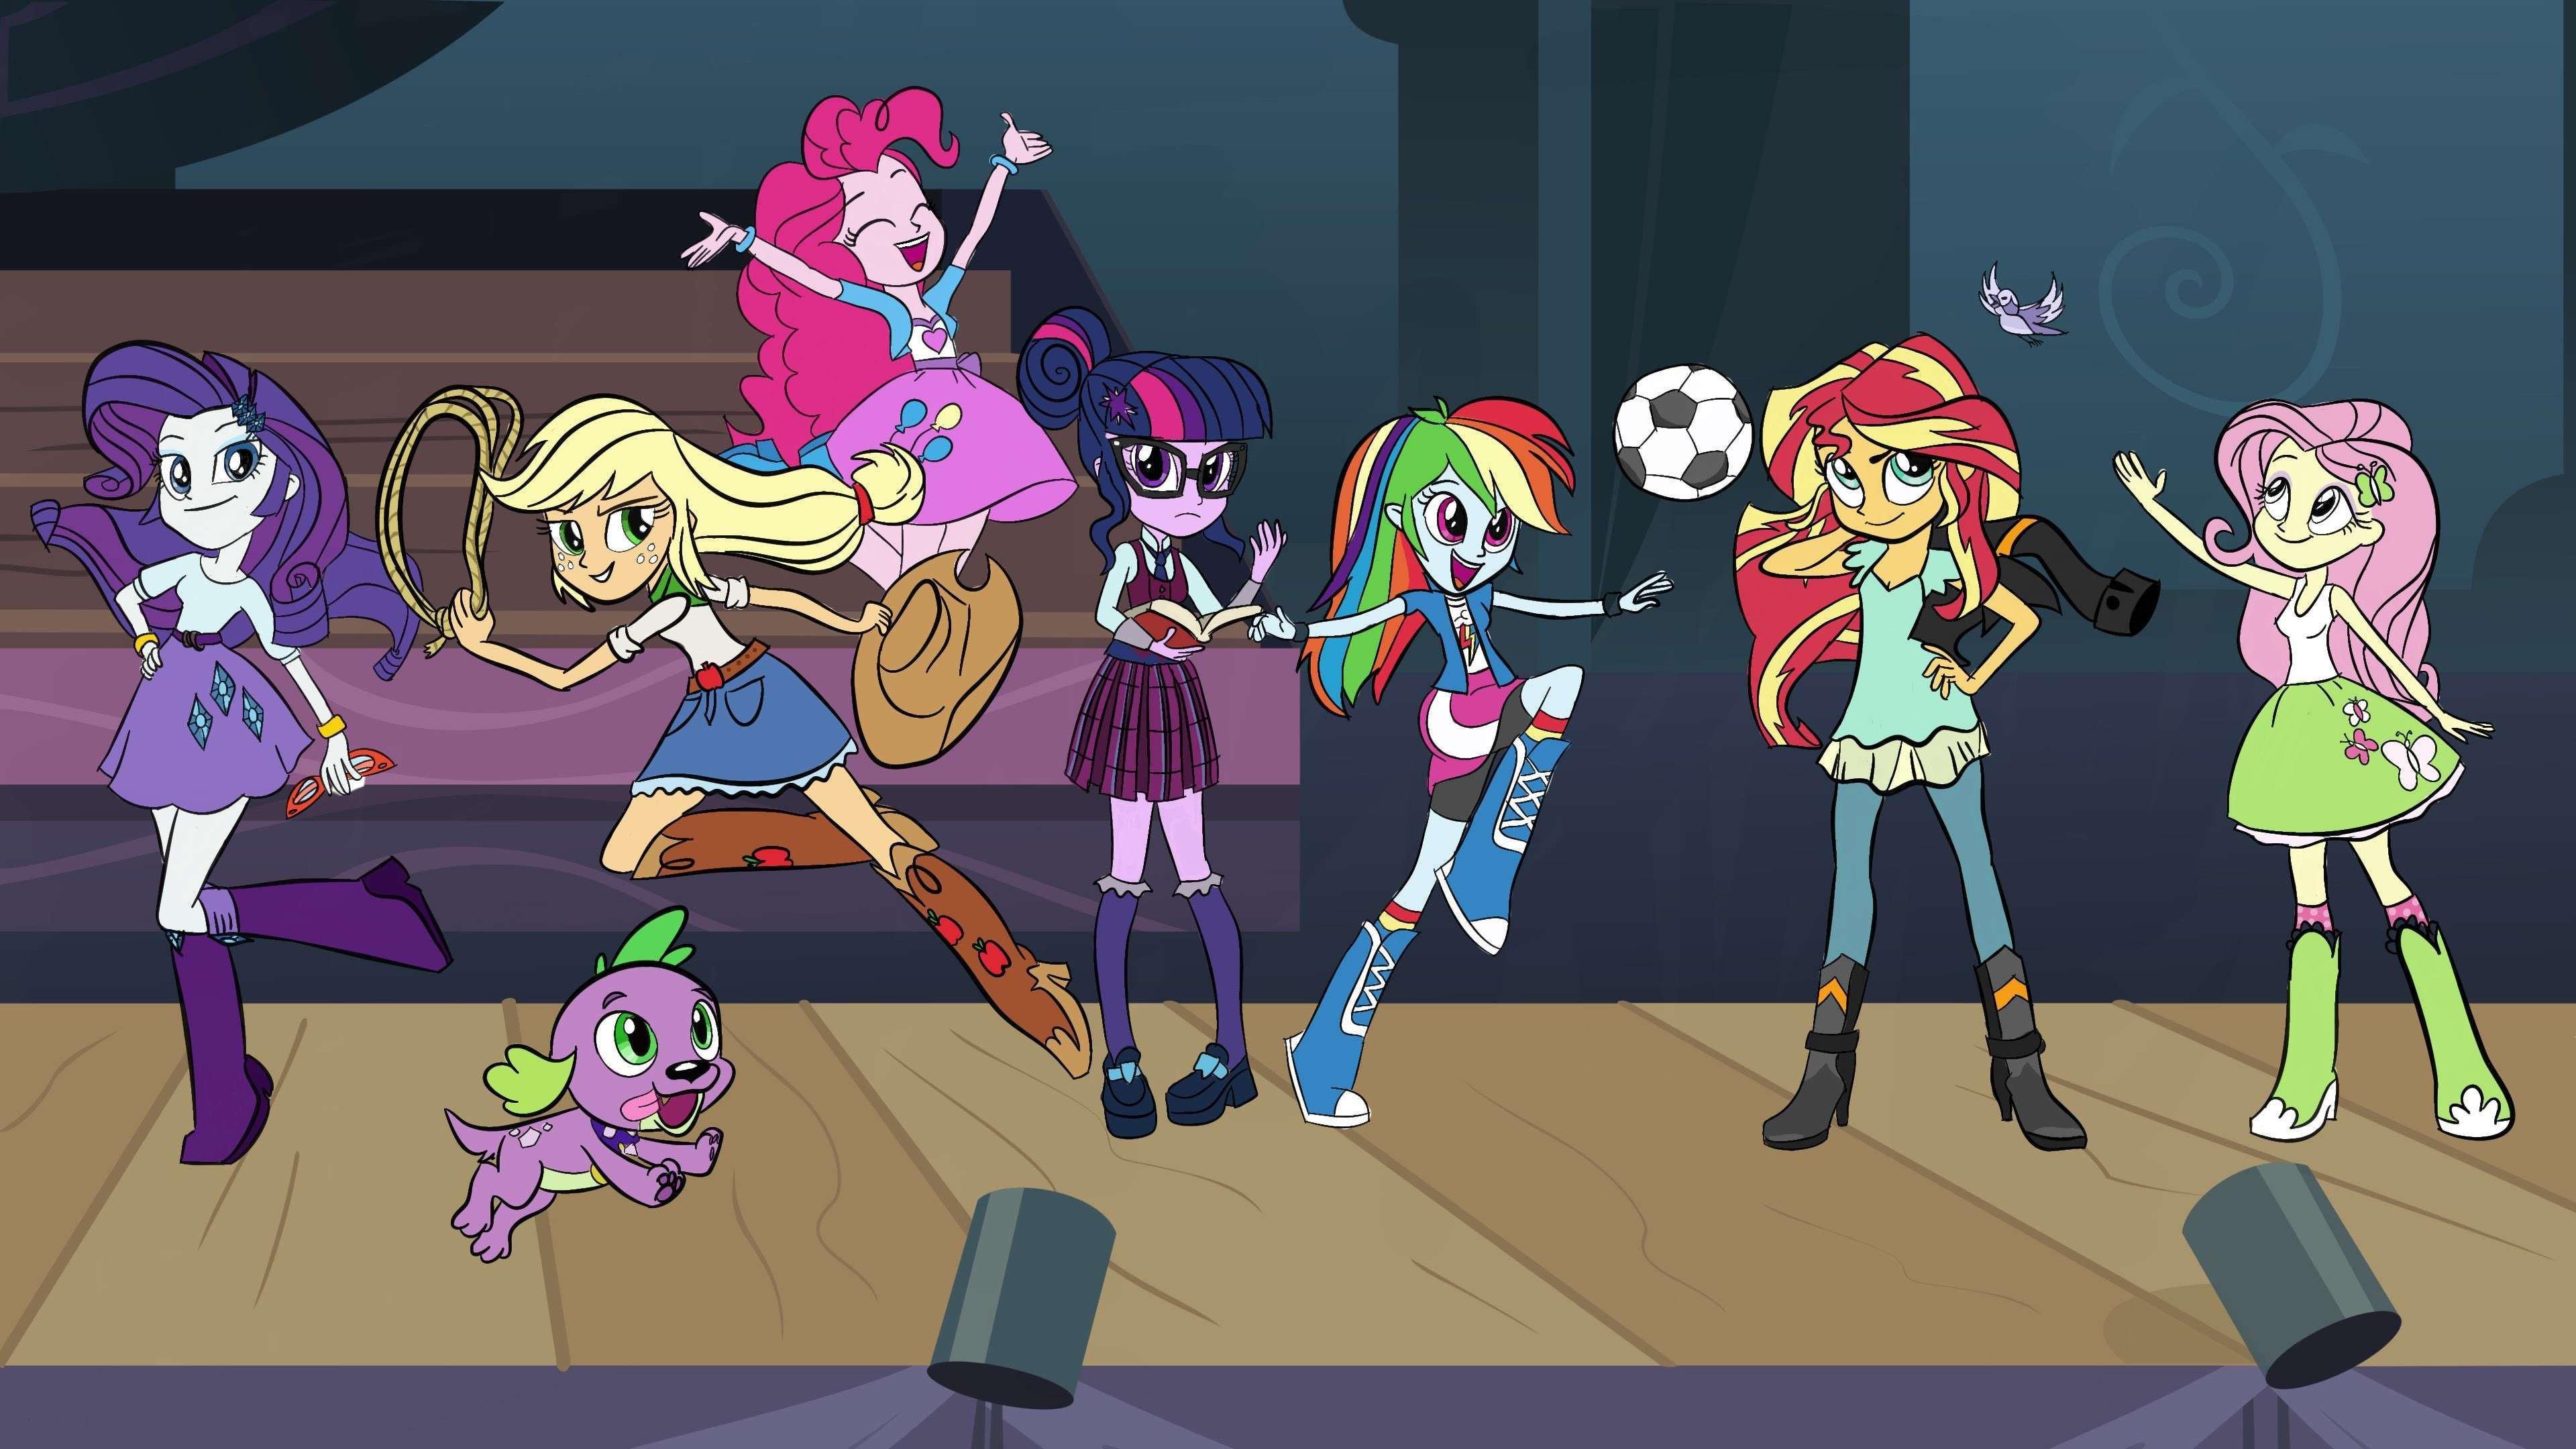 Equestria Girls Ausmalbilder Inspirierend Coloring Pages My Little Pony Equestria Girls Download Malvorlagen Das Bild